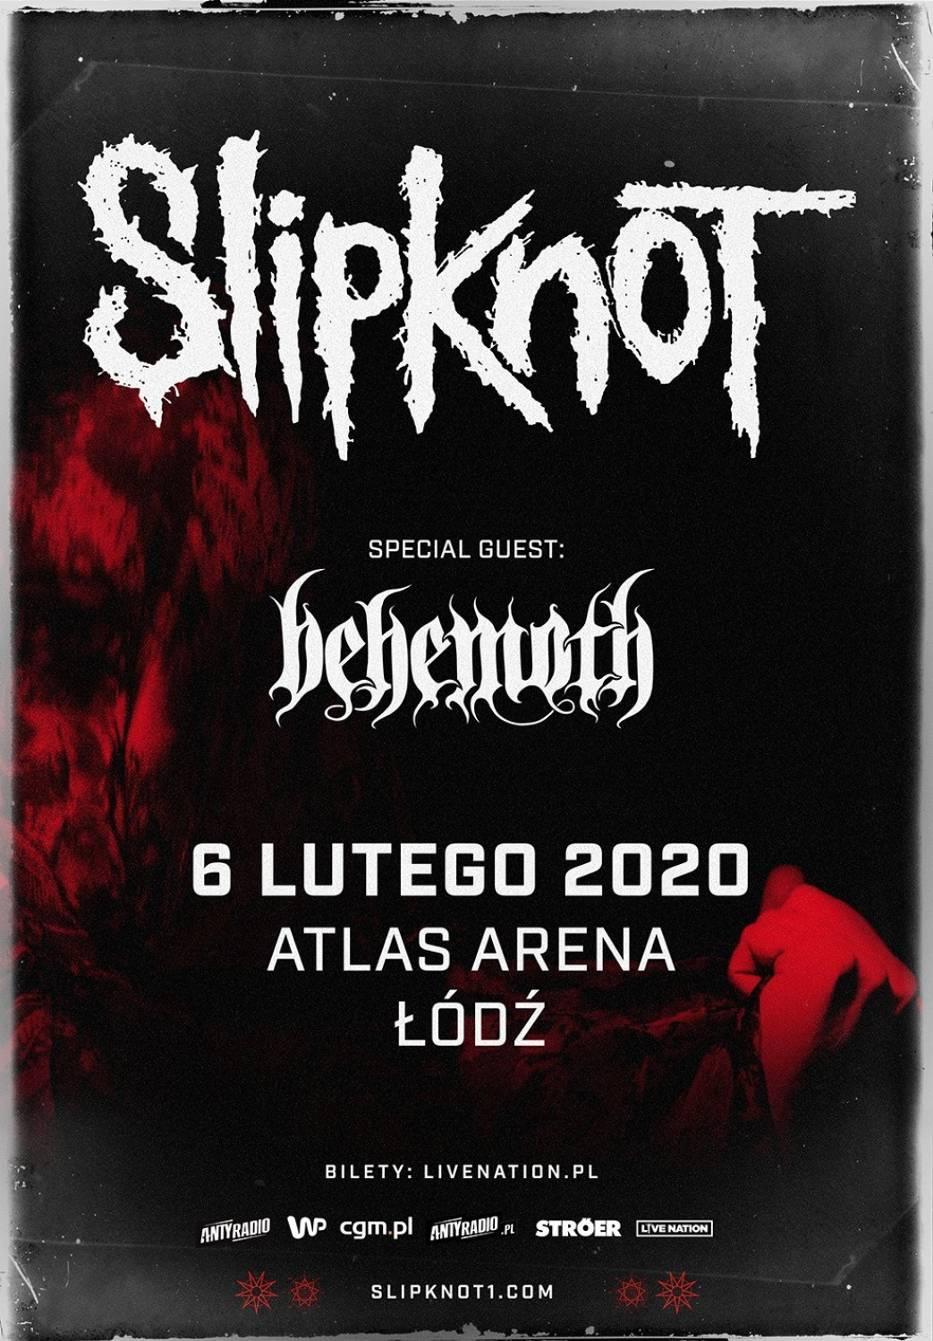 Slipknot jest kulturowym fenomenem, który wywarł ogromny wpływ na cały świat muzyczny, zajmując pierwsze miejsca na listach przebojów w Stanach Zjednoczonych, Australii, Kanadzie, Japonii, Irlandii, Belgi oraz Finlandii, a także plasując się w pierwszej trójce w Niemczech, Francji, Norwegii, Włoszech, Holandii i Nowej Zelandii